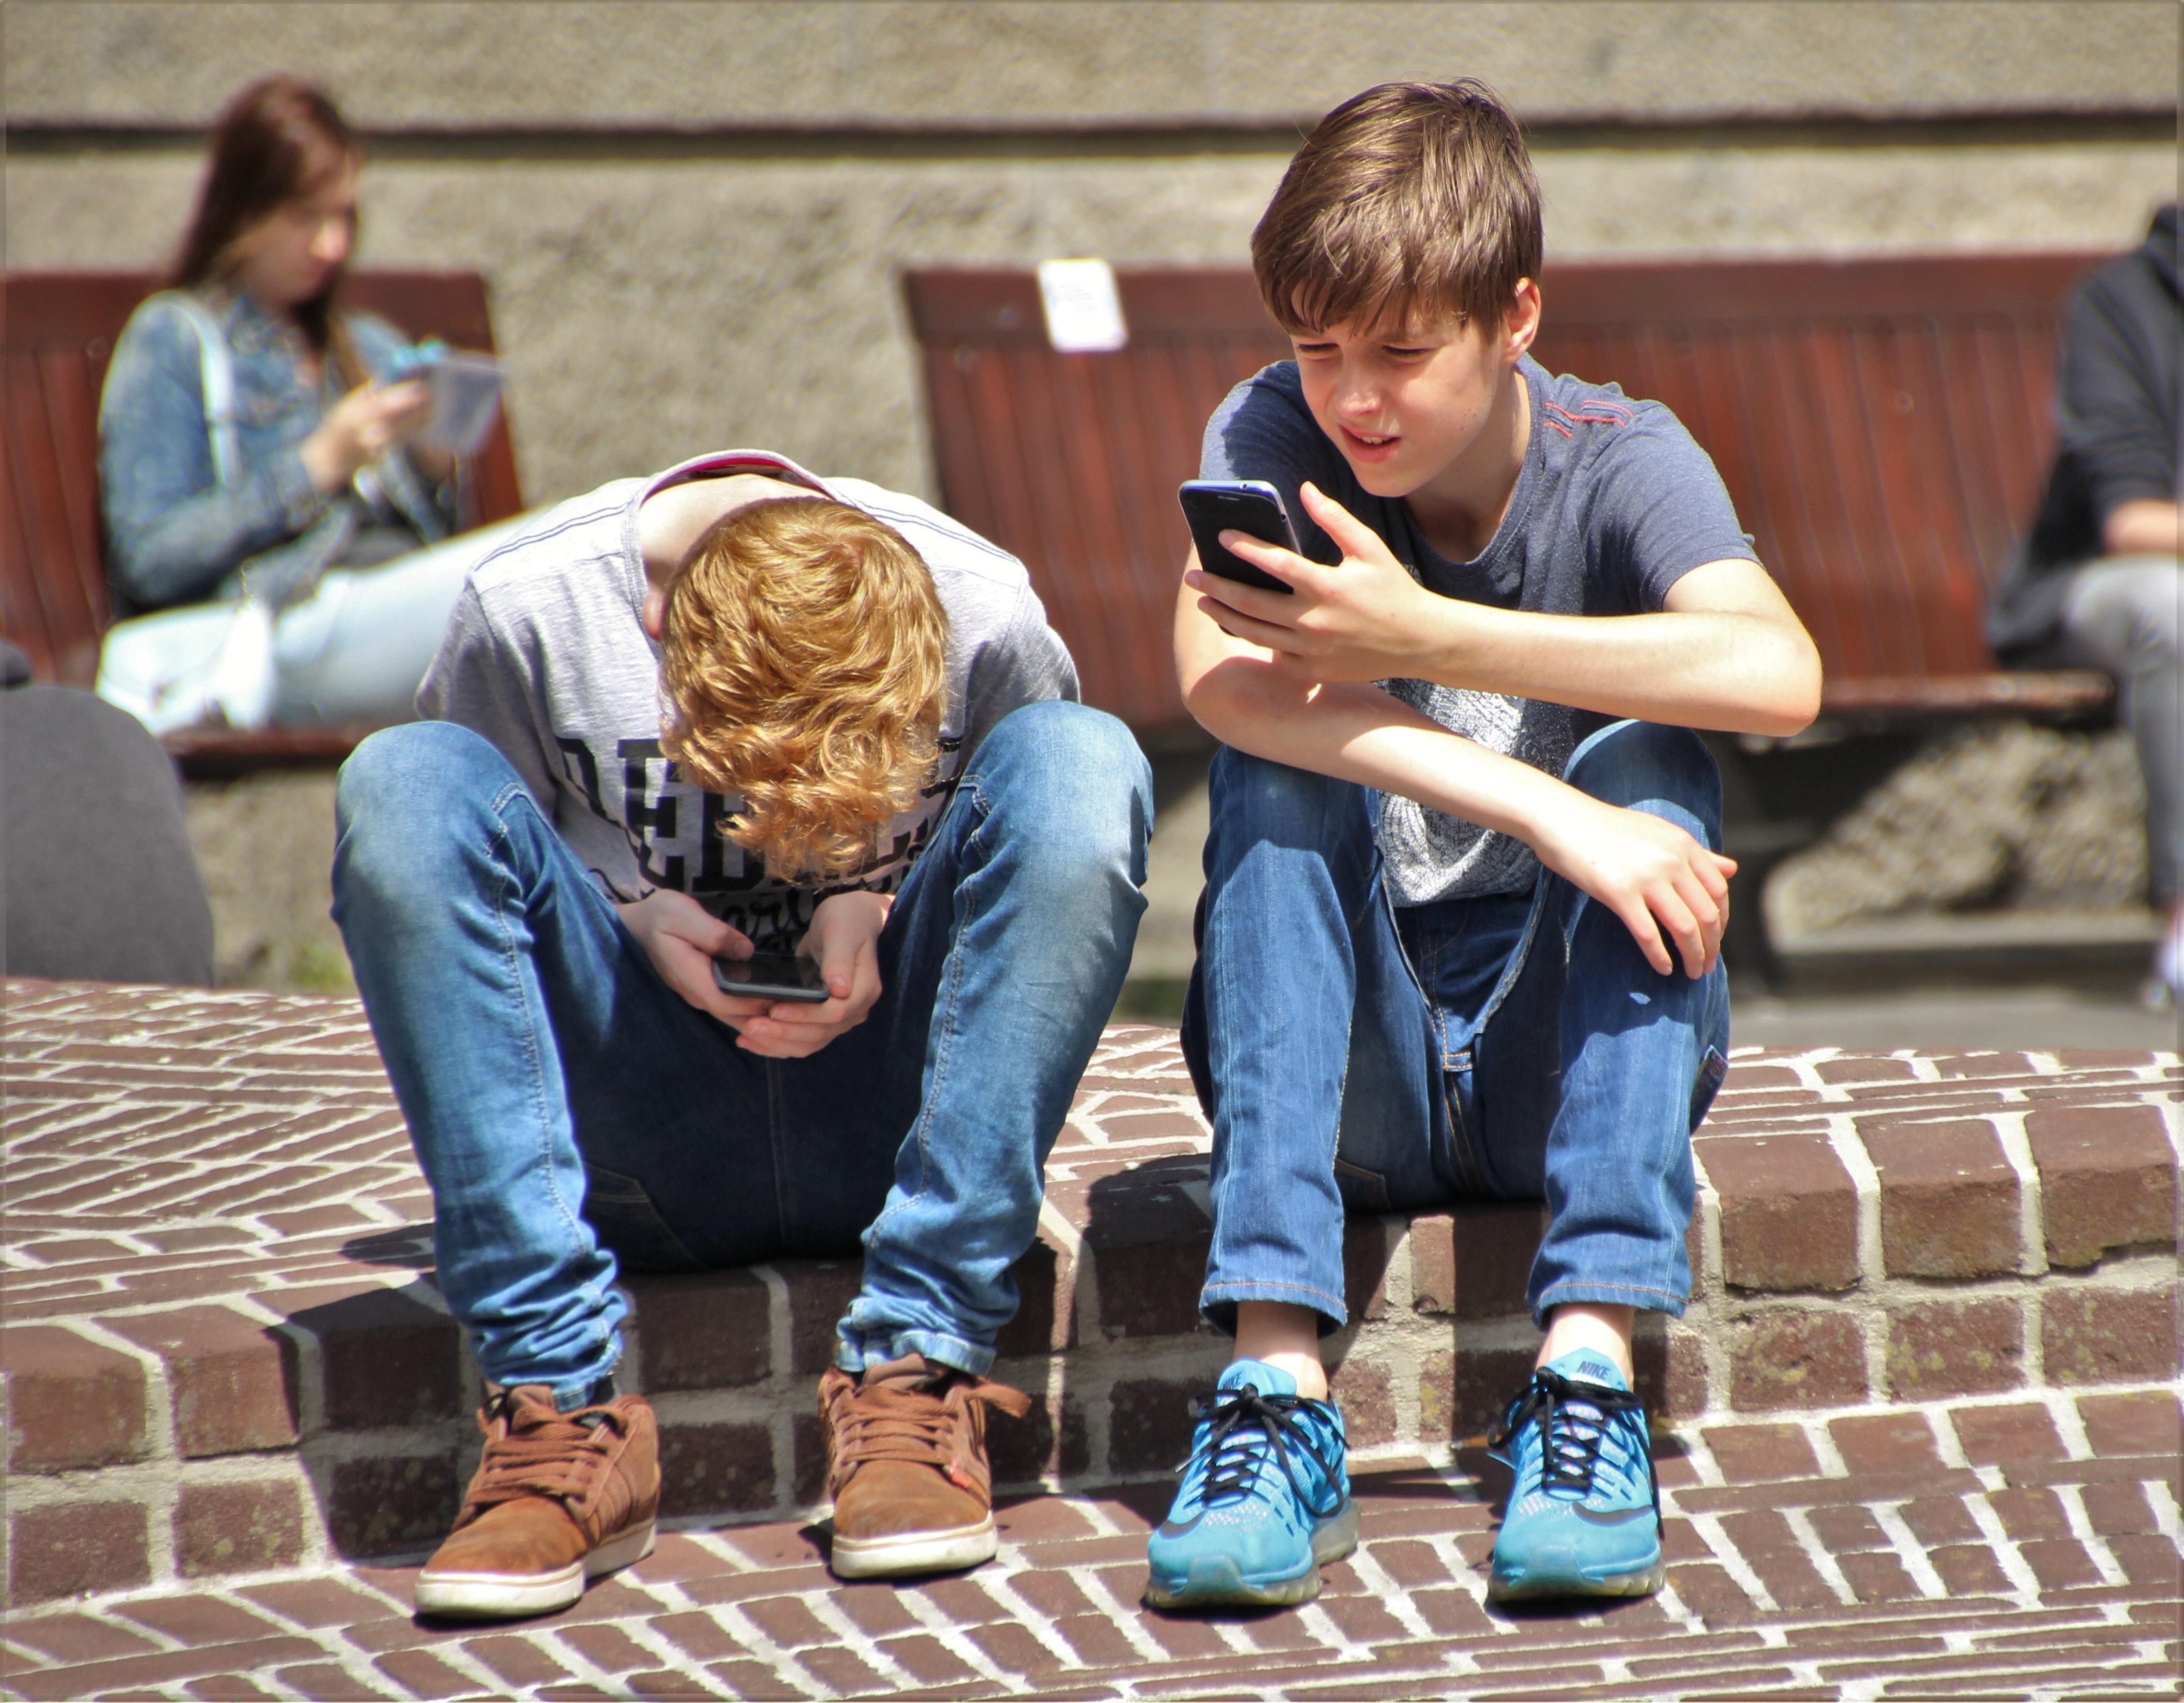 C начала нового учебного года французские дети до 15 лет даже на переменах не смогут использовать гаджеты, которые подключаются к интернету